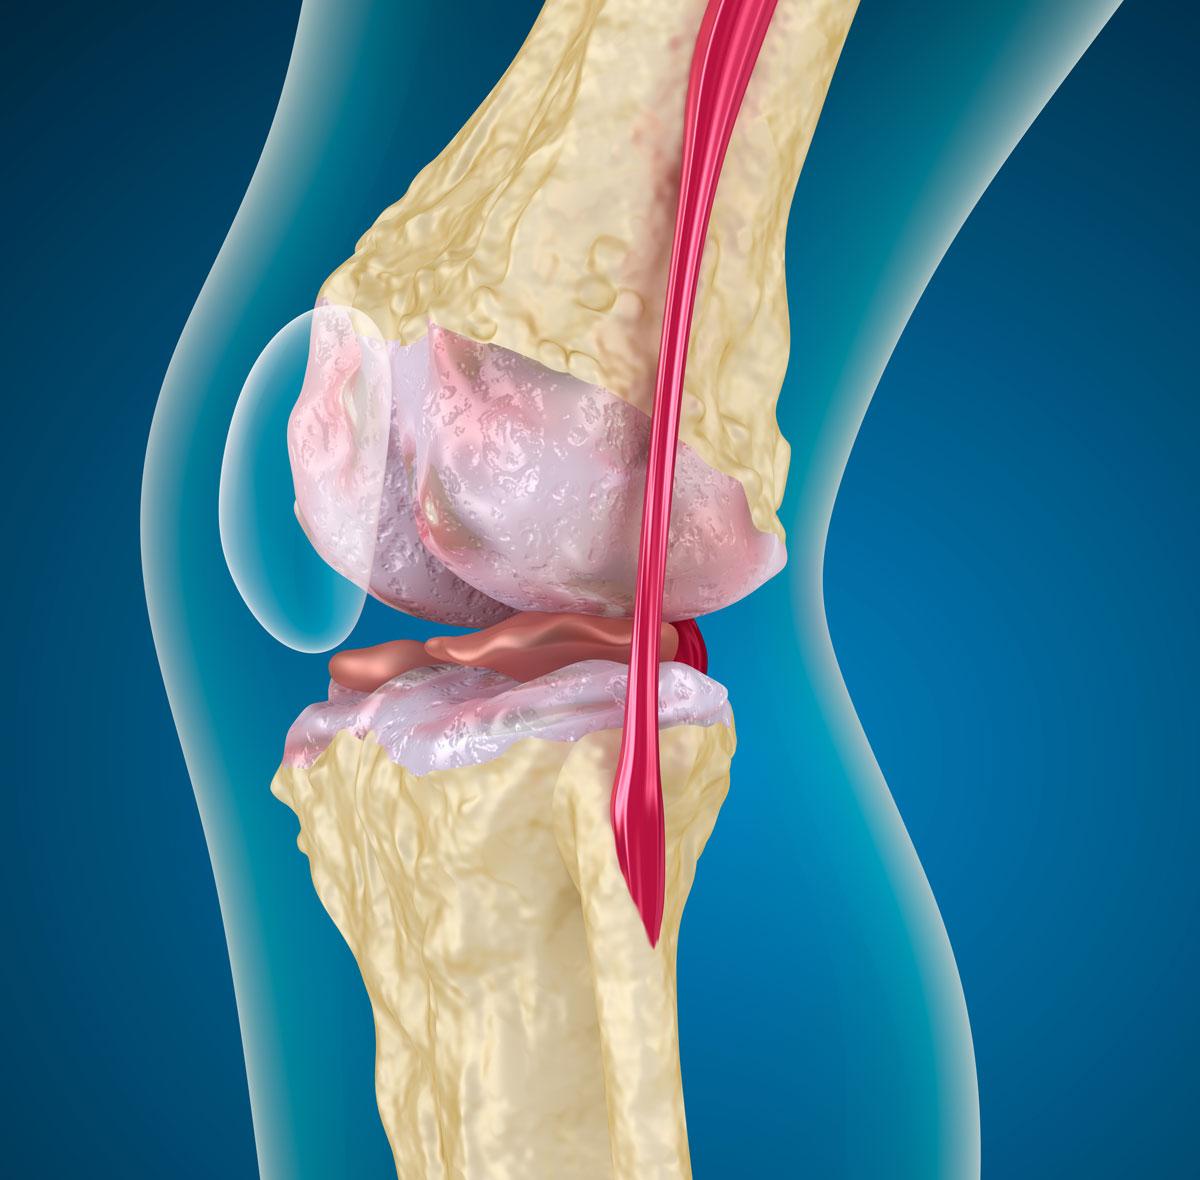 Пателлофеморальный артроз коленного сустава и его лечение